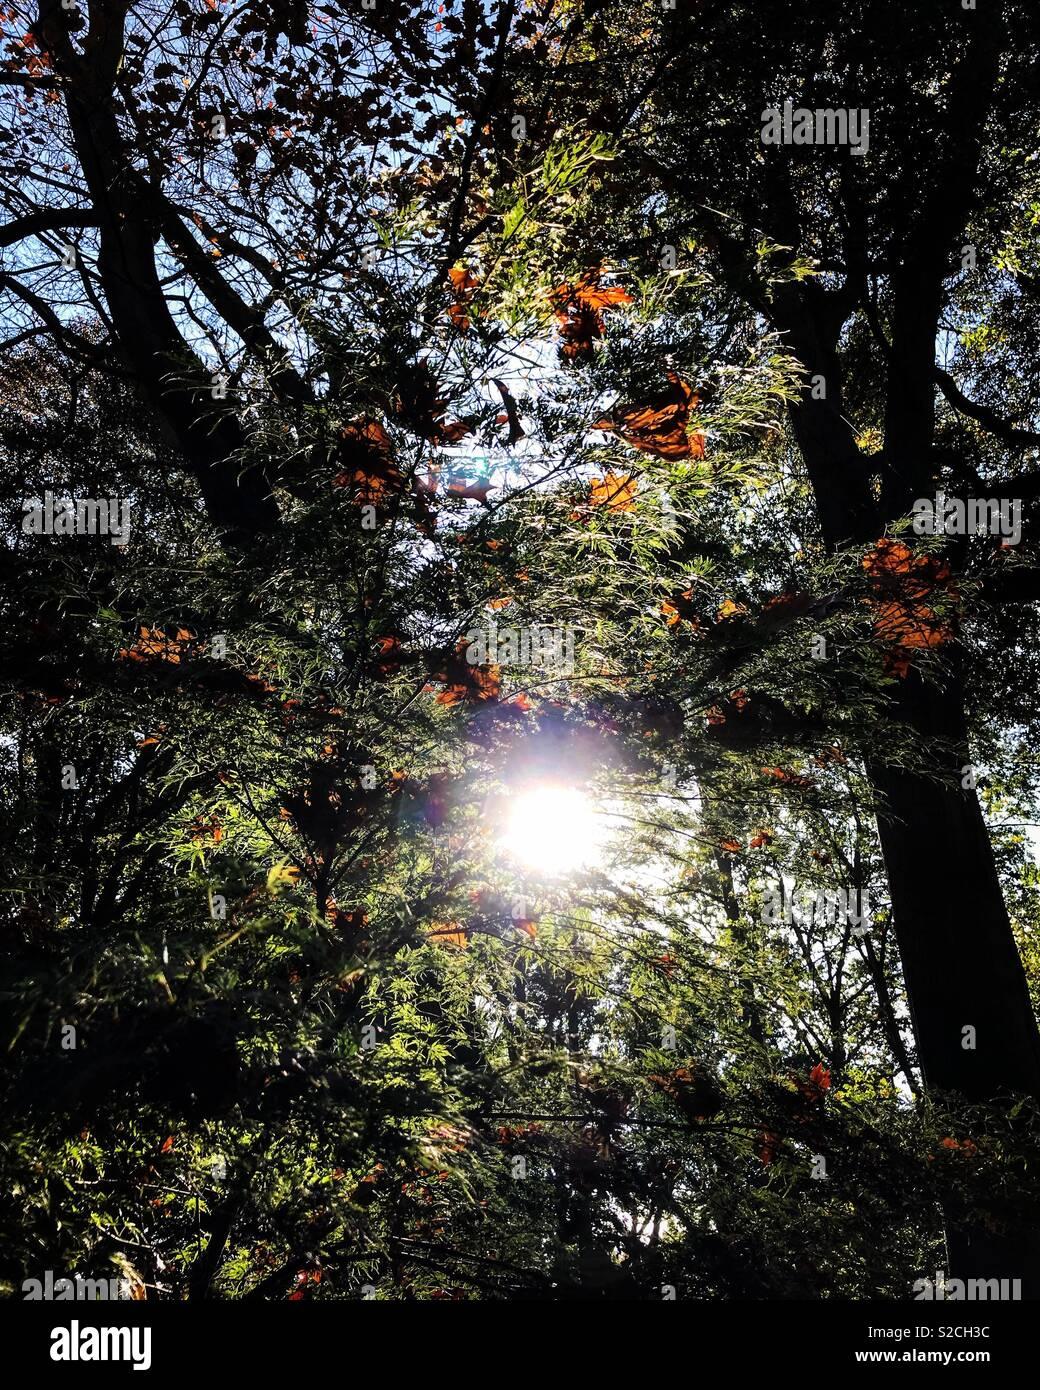 Dunham Massey gardens - Stock Image